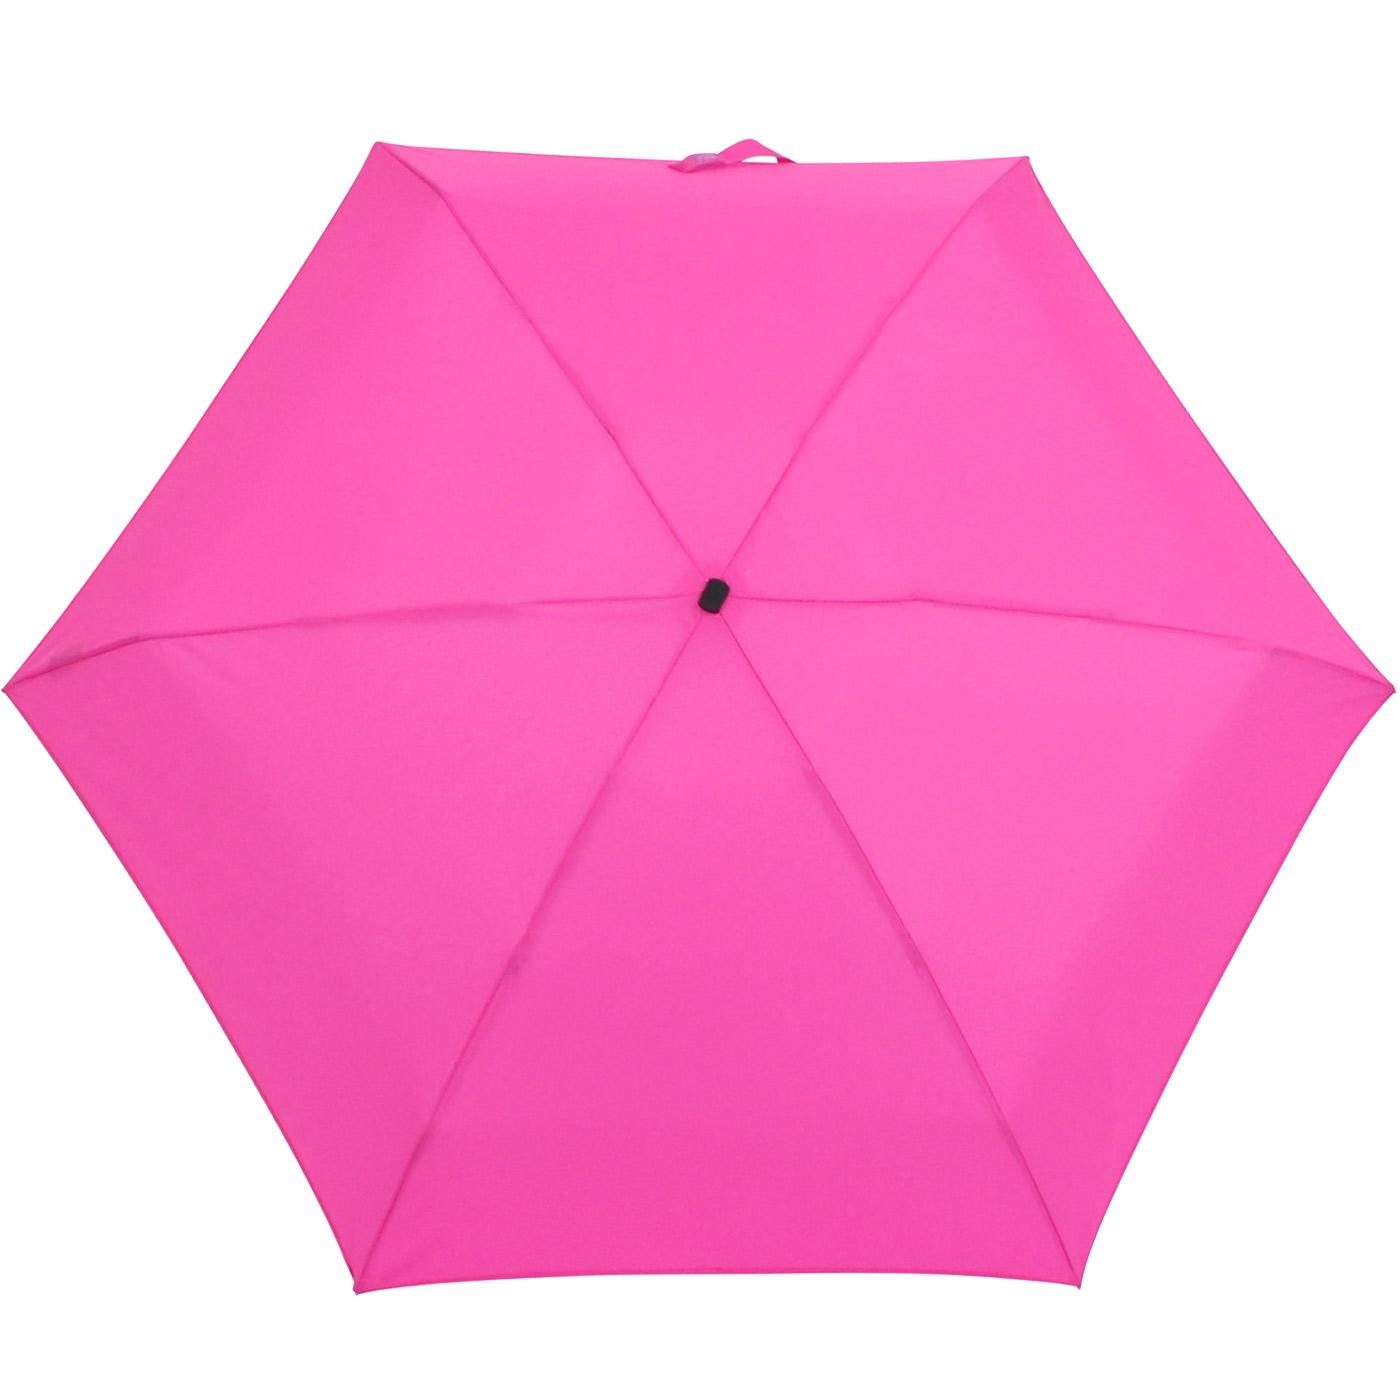 Regenschirm-Super-Mini-Taschenschirm-Damen-Herren-winzig-klein-leicht-im-Etui Indexbild 45